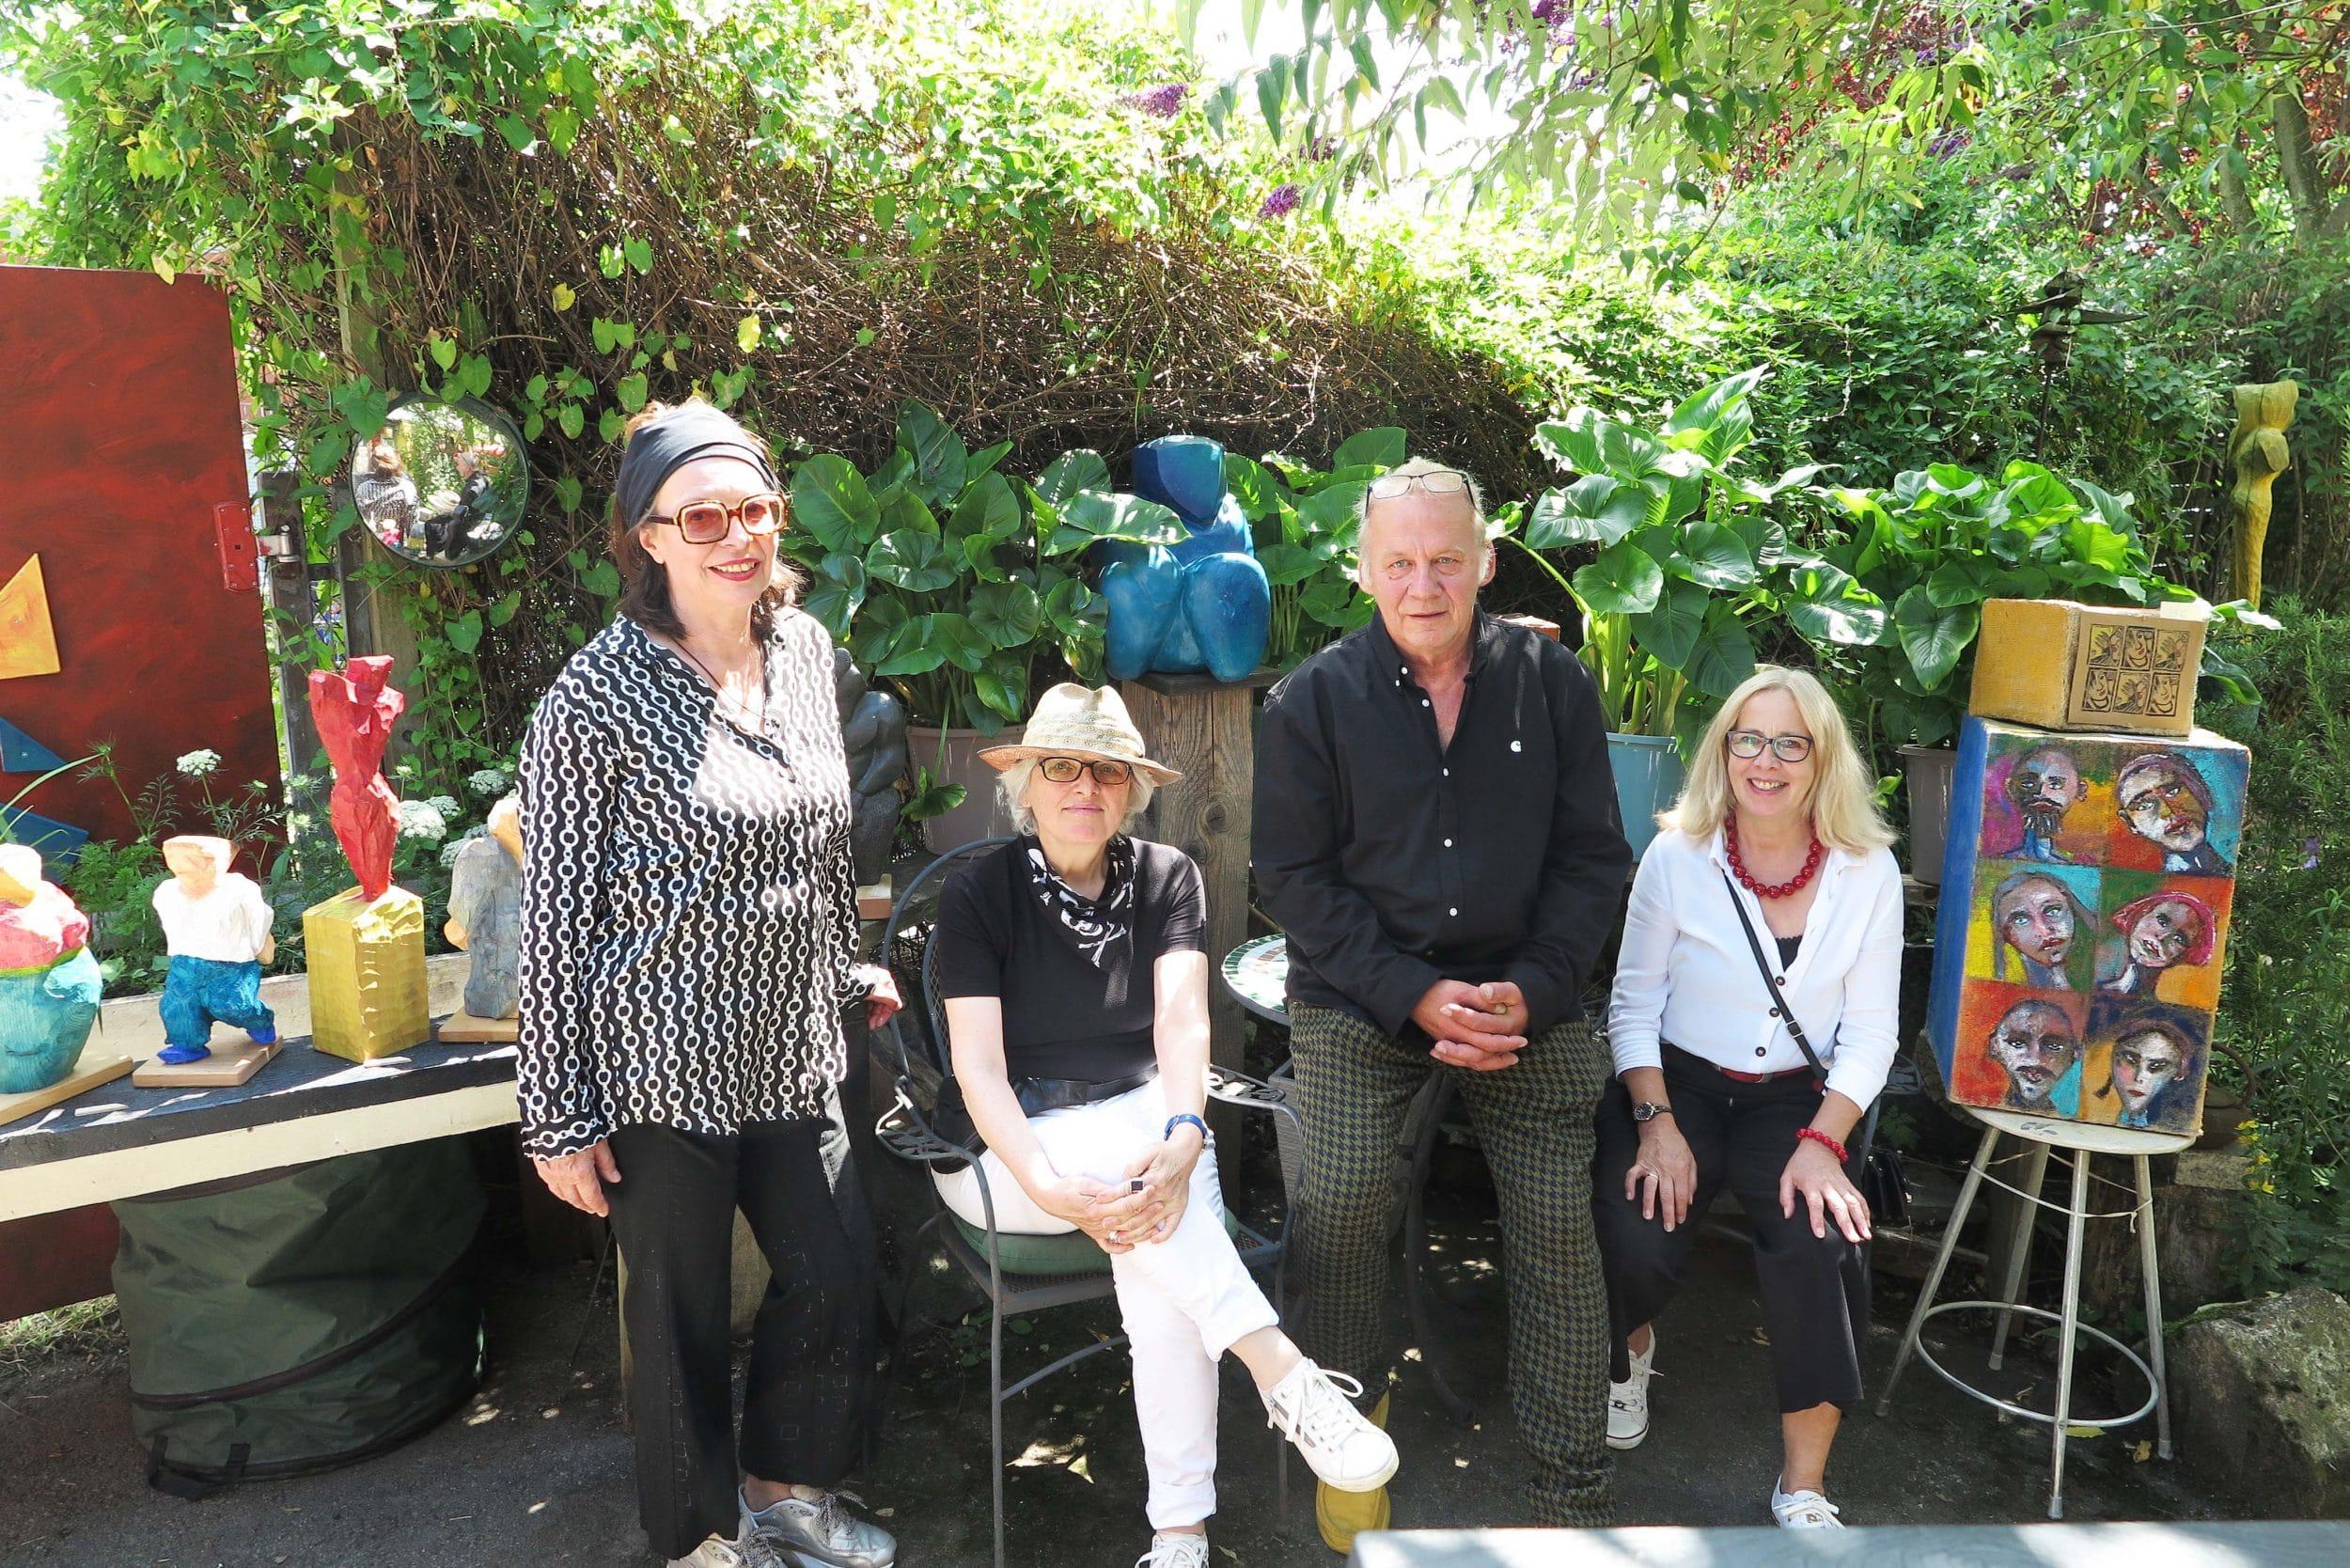 (v. l.) Moni Müller, Sigrid Müller, Hausherr Rolf Sablotny und Angelika Naujoks sorgten für einen schönen Kunstnachmittag. (Fotos: IN-StadtMagazine)